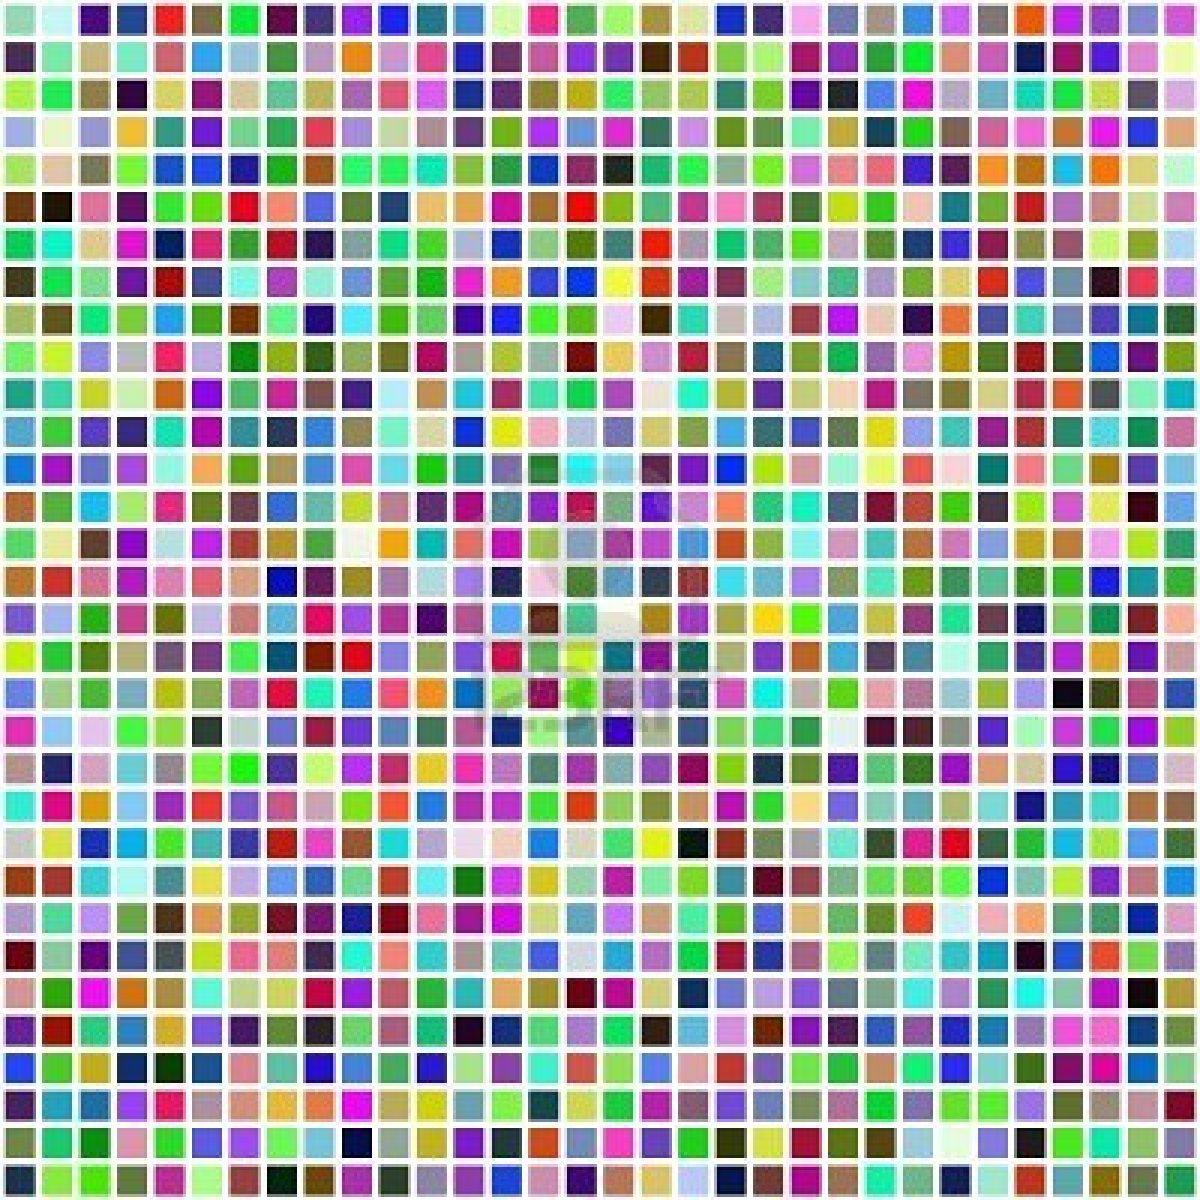 Fondos de cuadros de colores imagui - Cuadros de colores ...